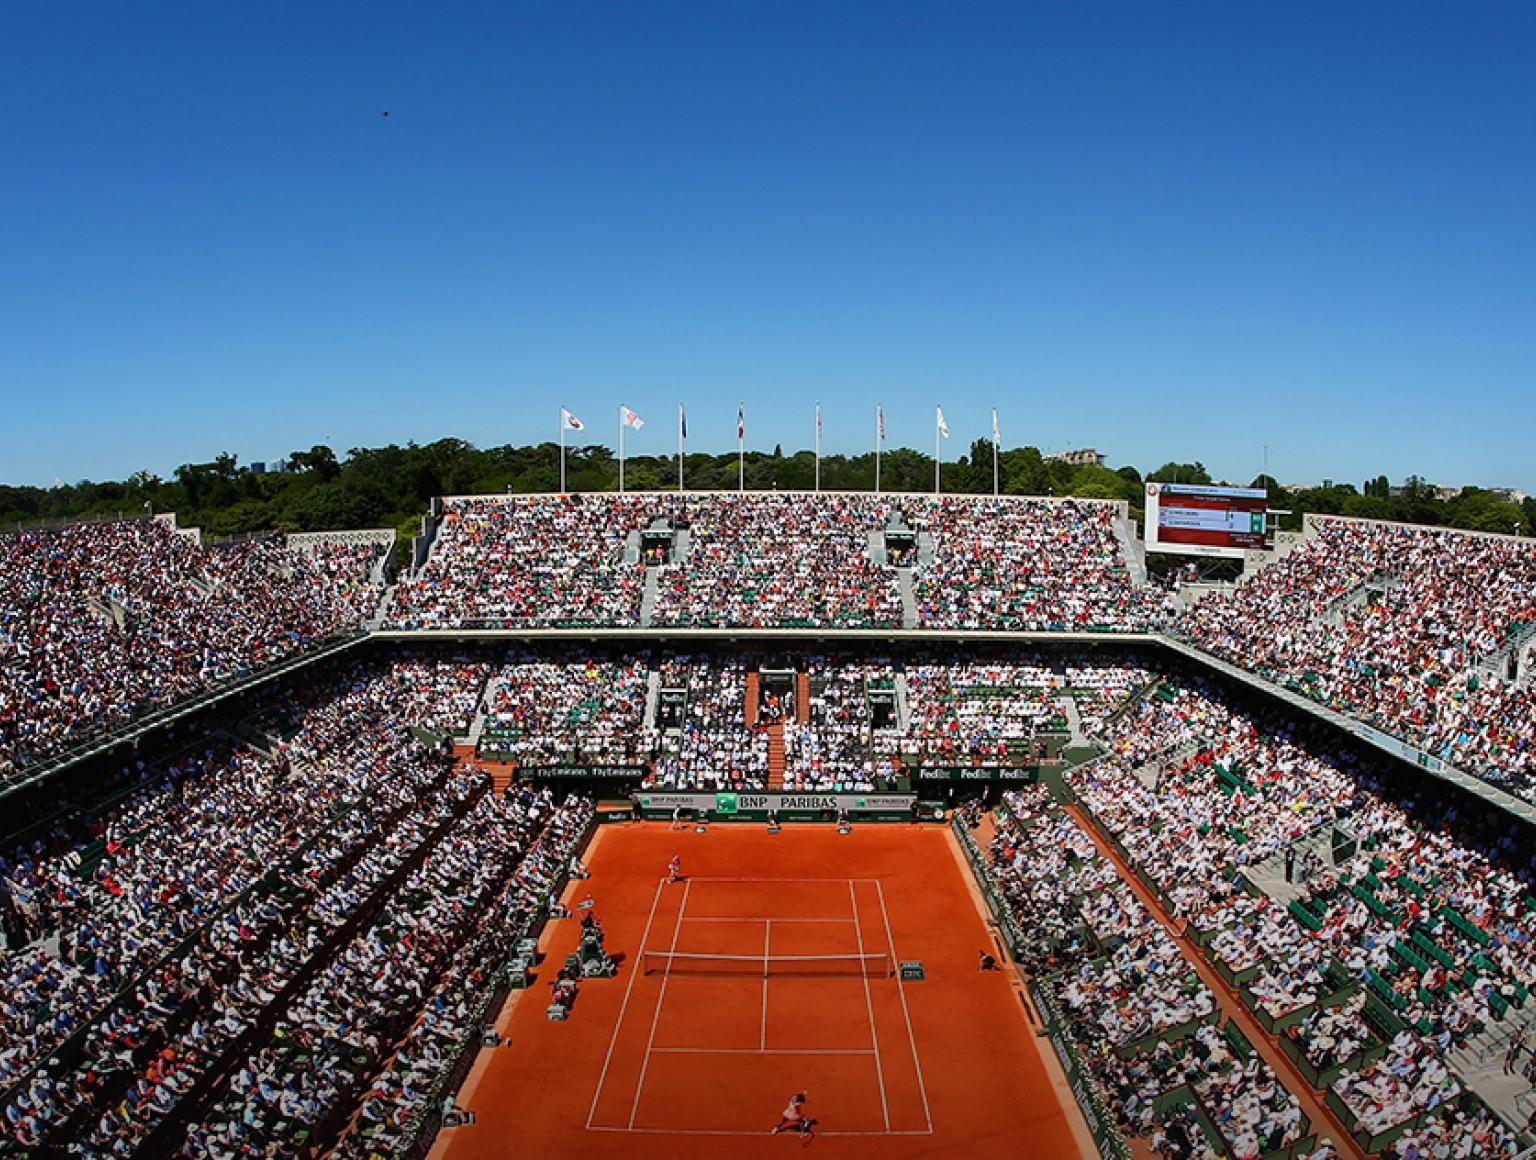 Vainqueurs Roland Garros 1980 à 1989